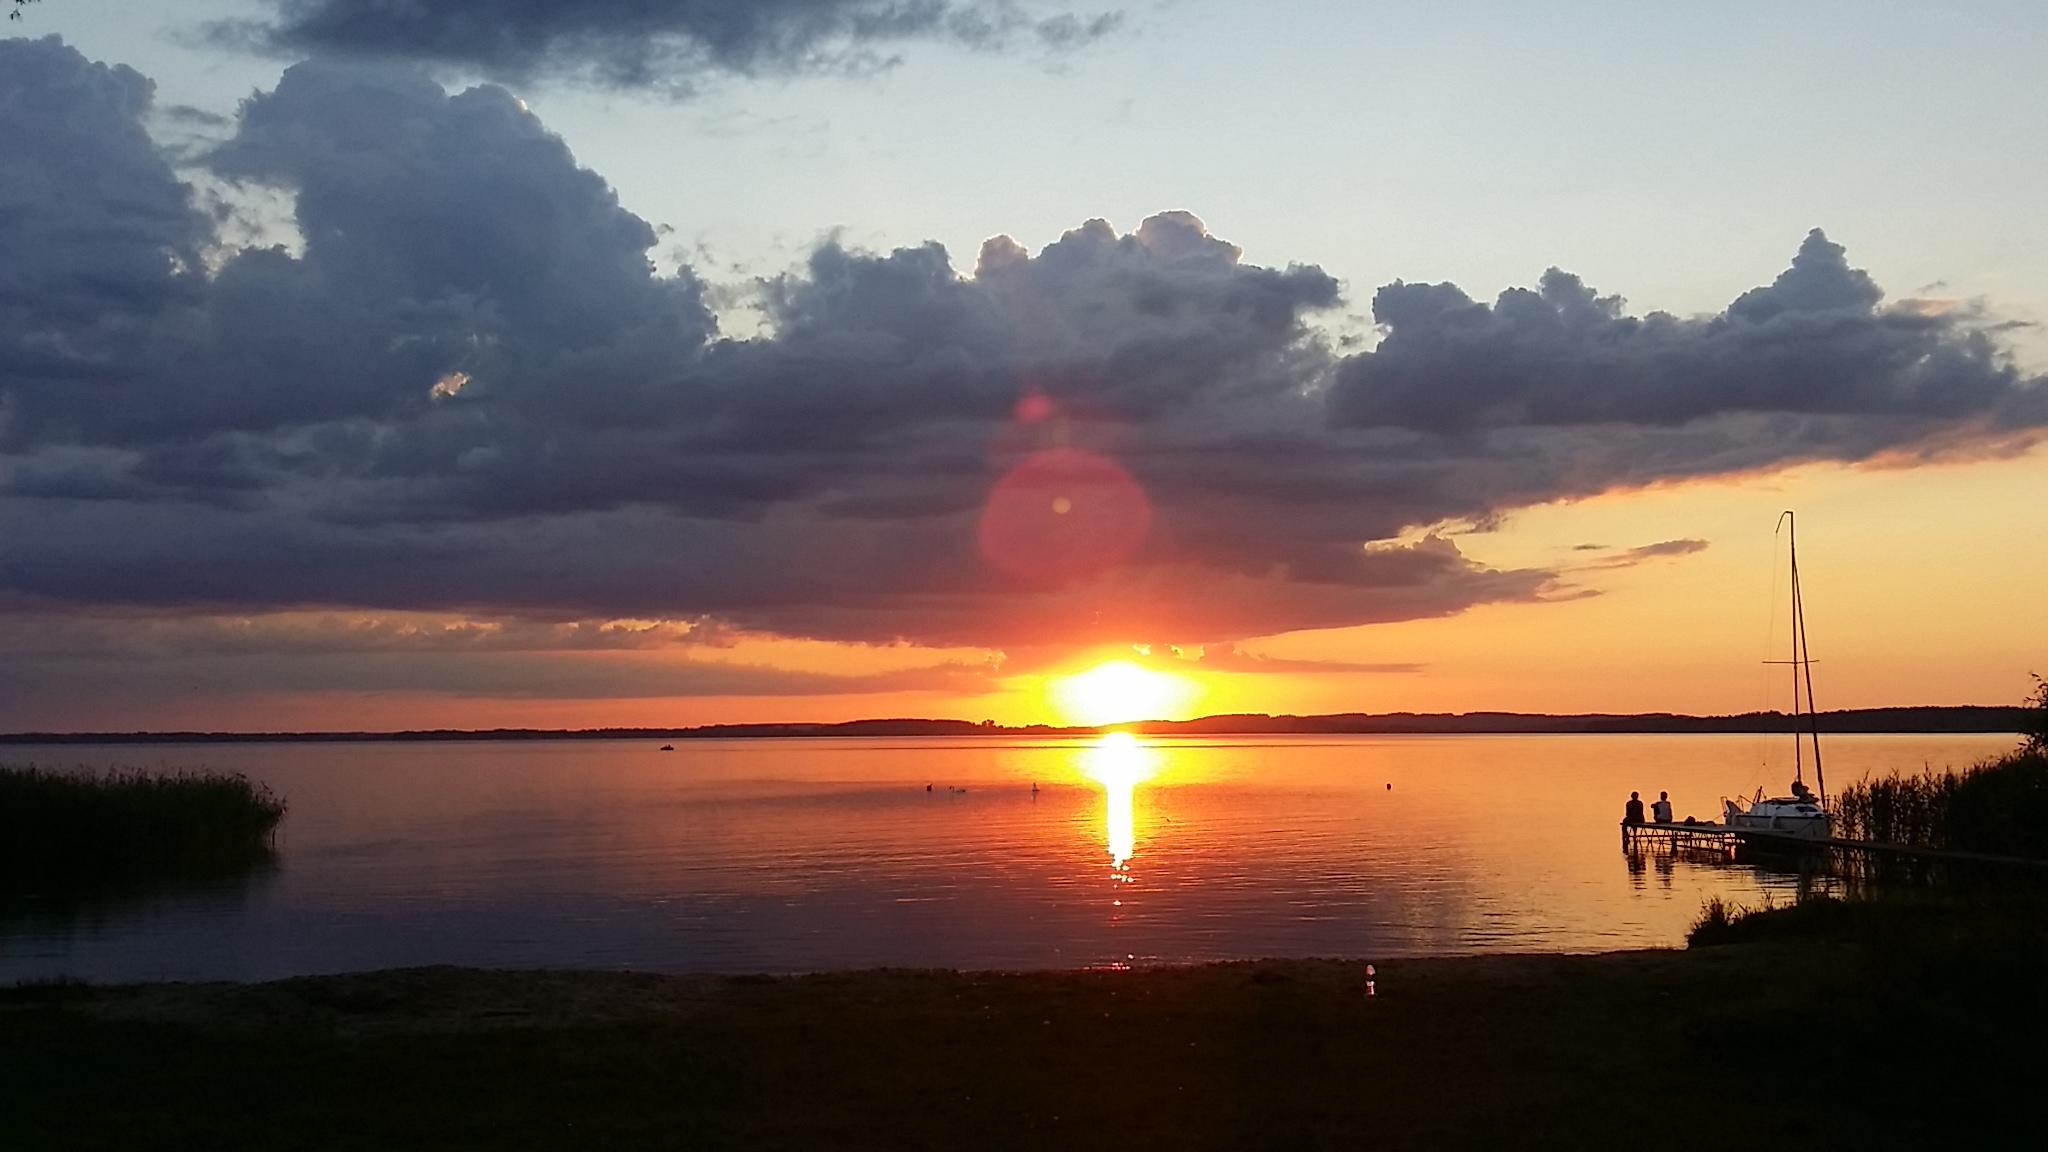 schöne Sonnenuntergänge gibt es hier